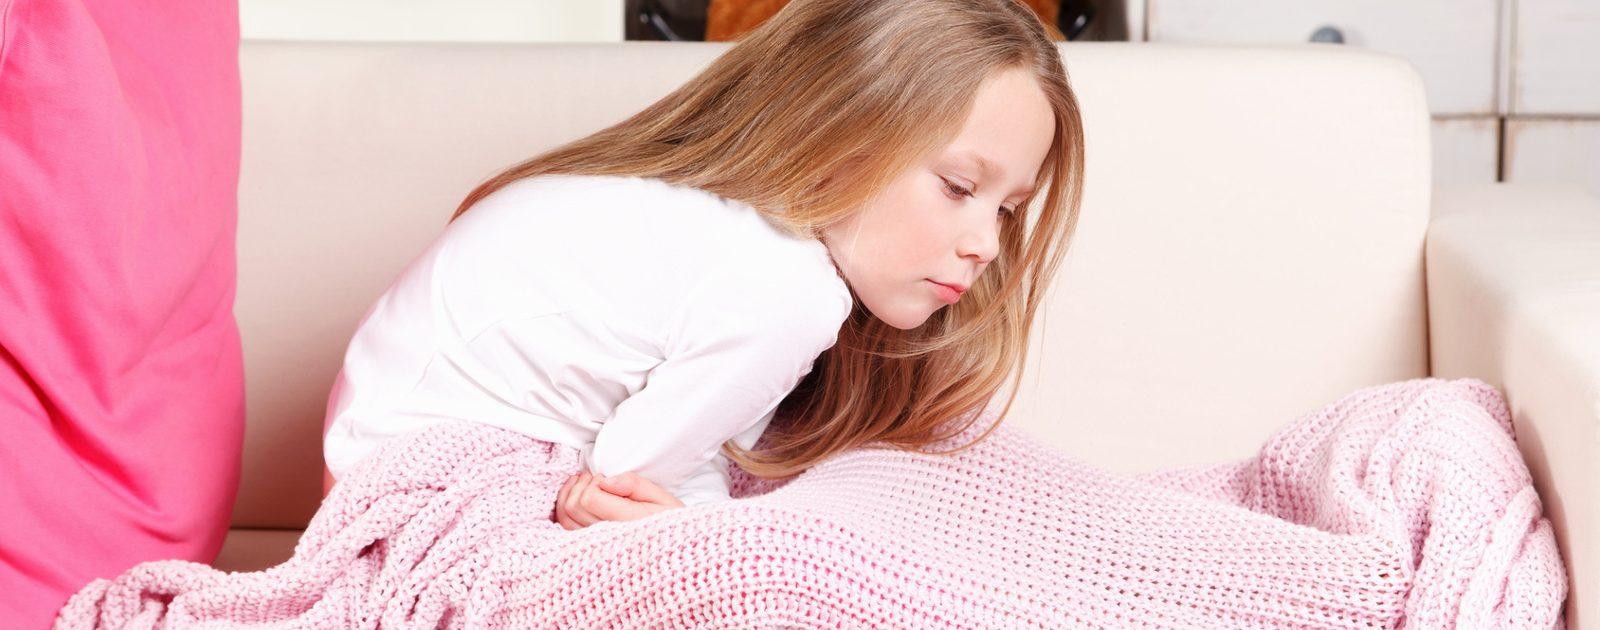 Morbus Crohn kann bei Kindern zu Wachstumsverzögerungen führen